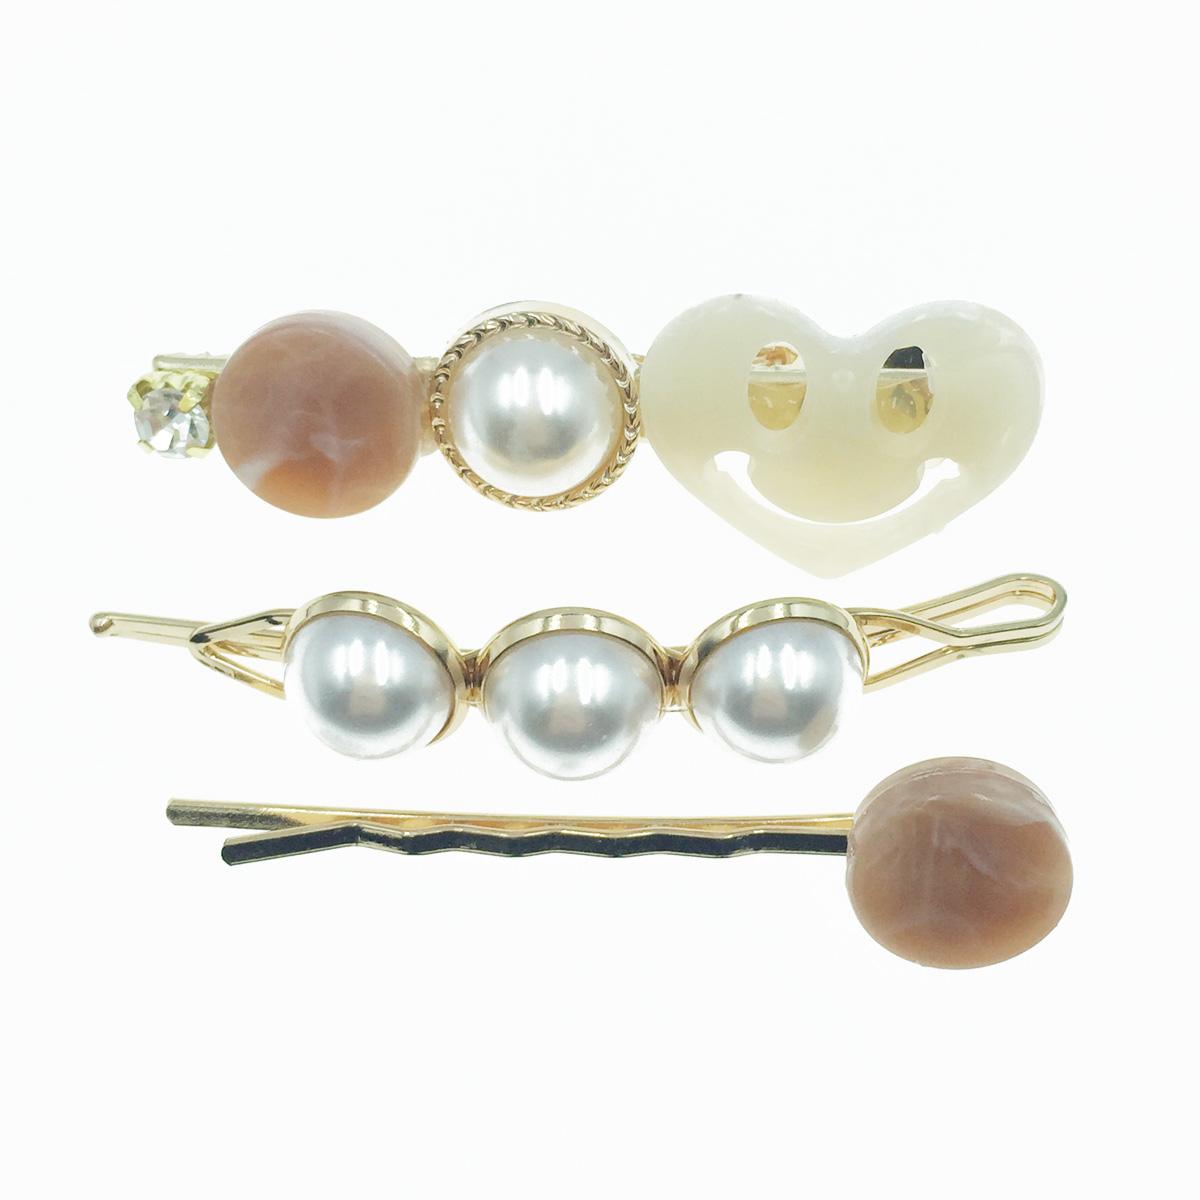 韓國 珍珠 水鑽 寶石 愛心 3入組 髮飾 髮夾 線夾 壓夾